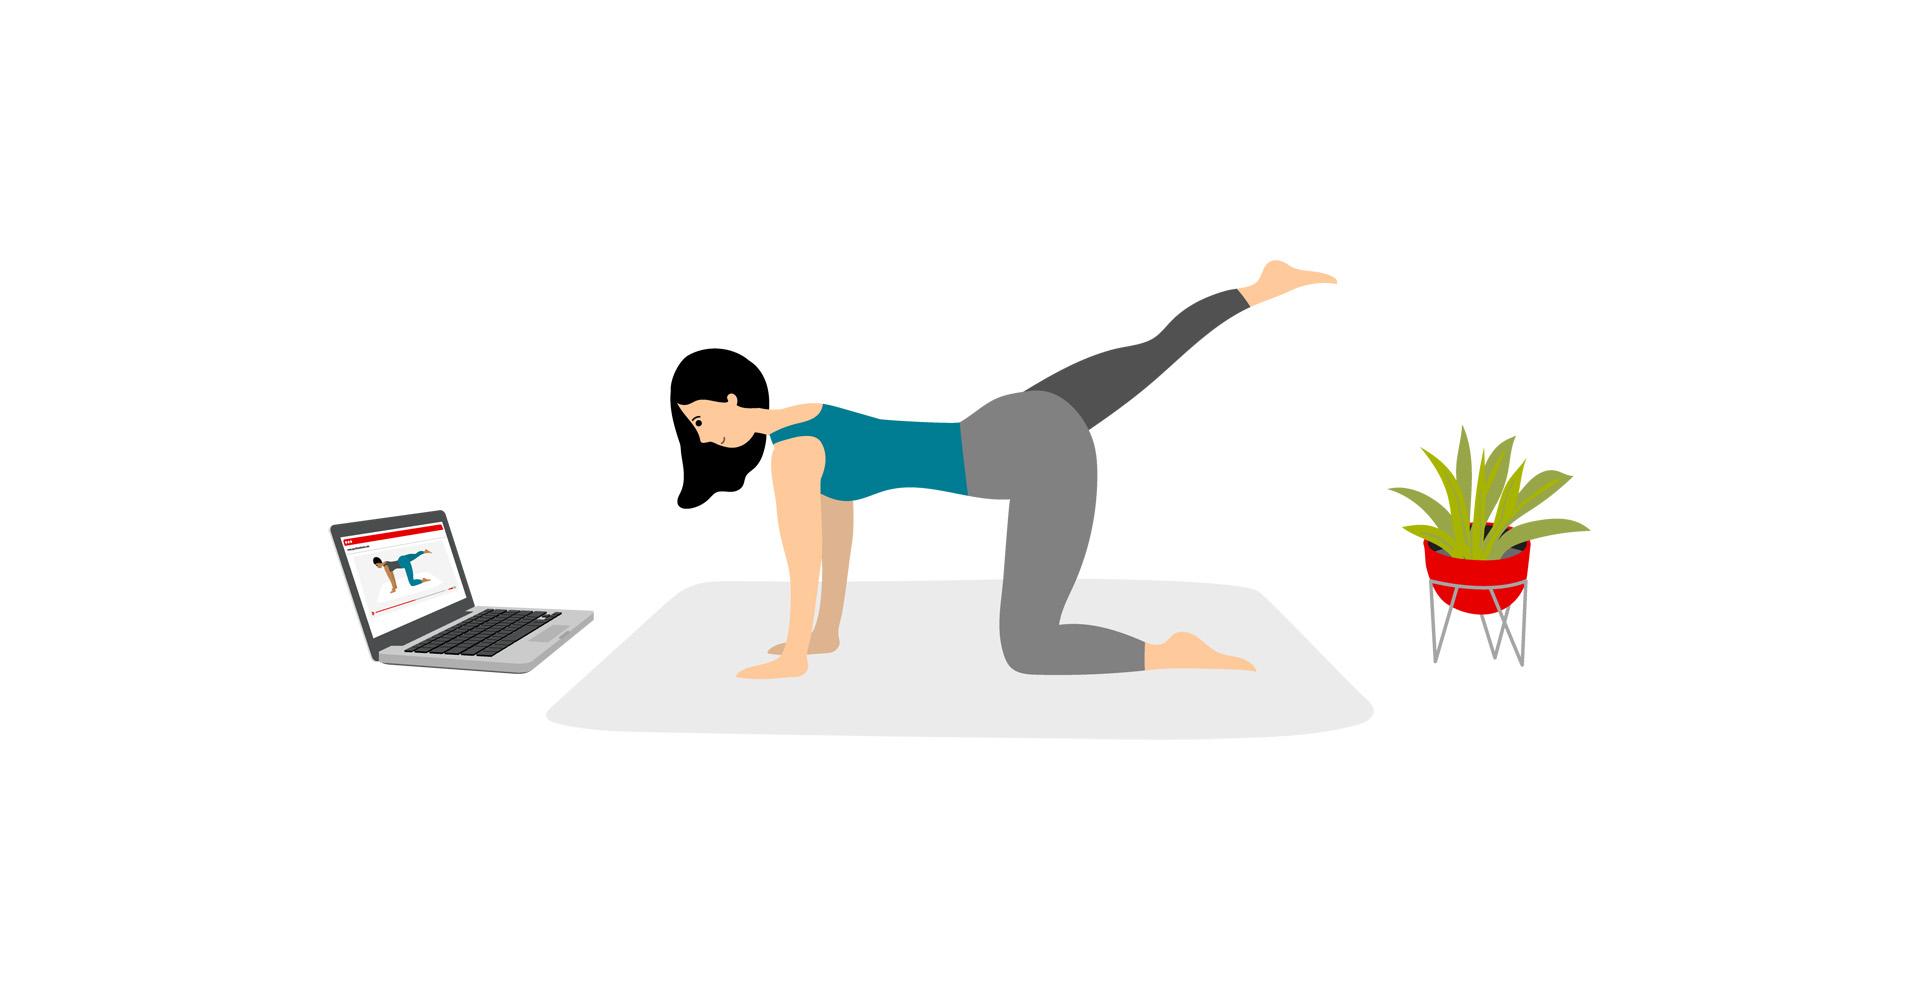 Junge Frau treibt Sport am Laptop grafische Darstellung